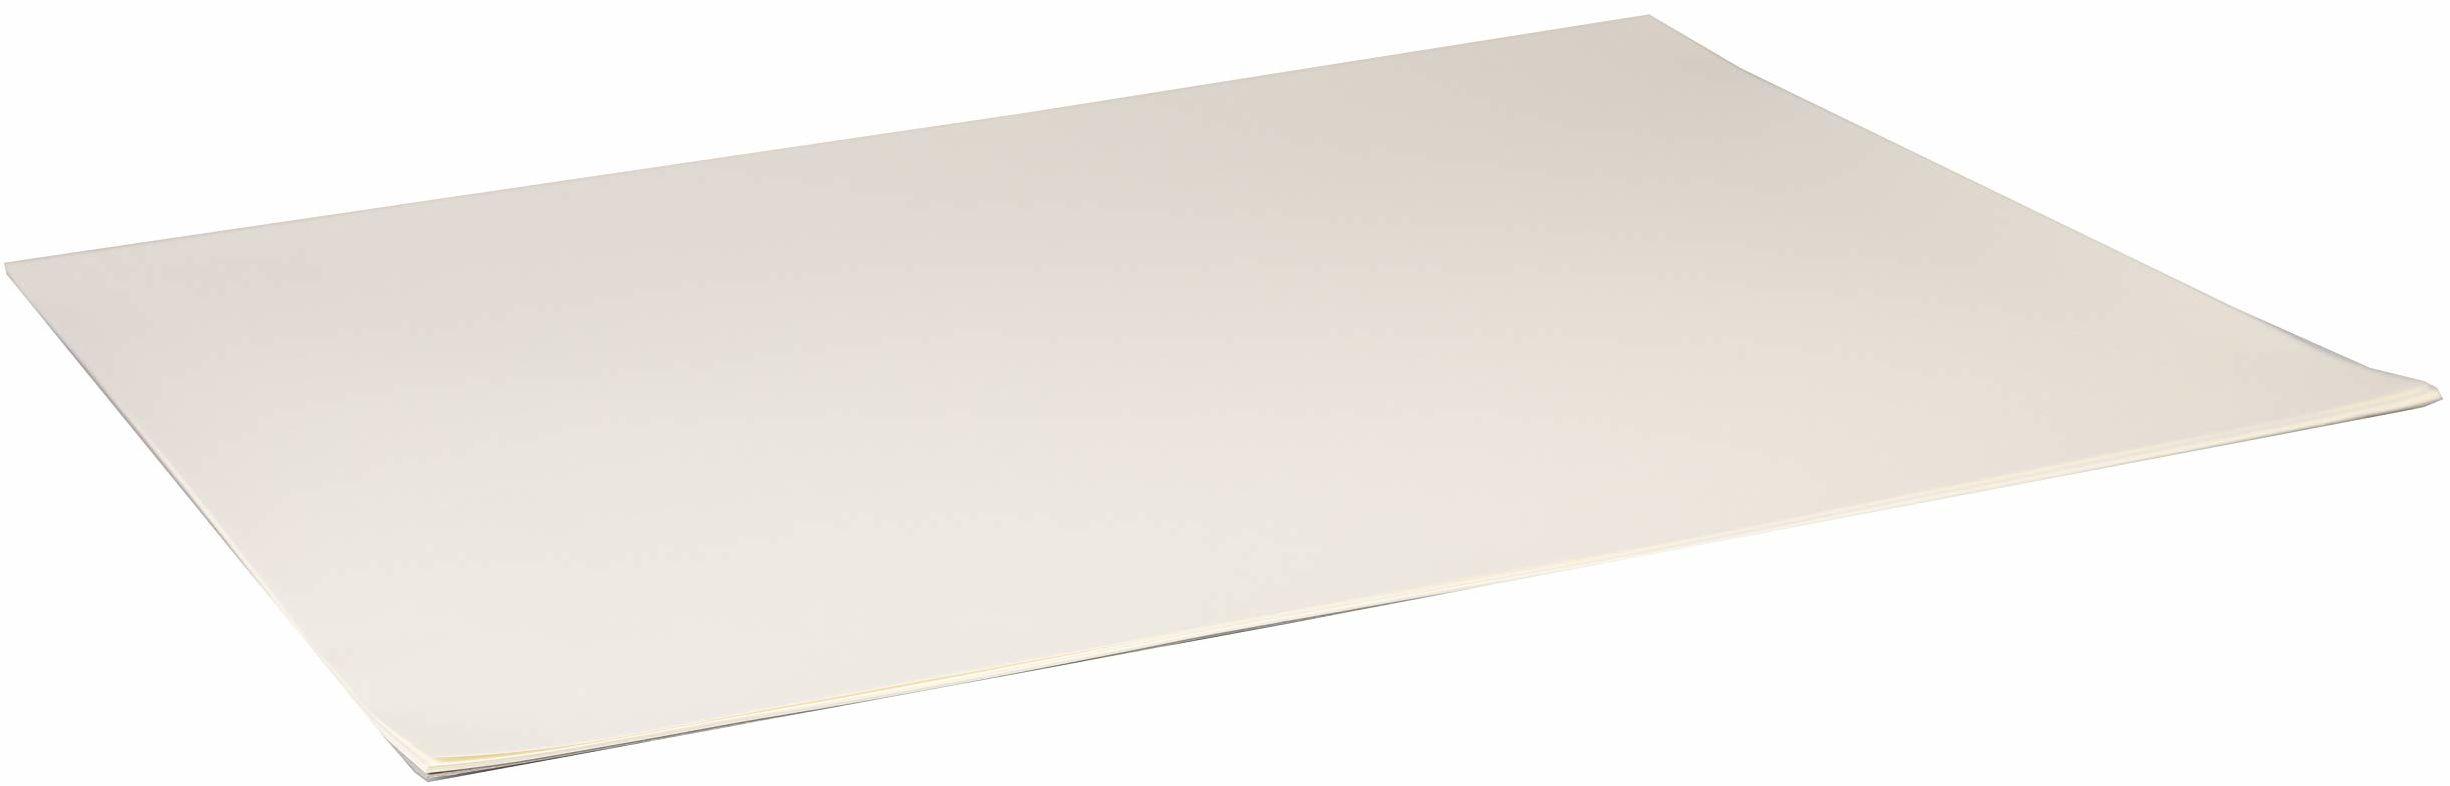 Clairefontaine Simili papier japoński, 64 x 96 cm, 250 g/m2, 5 arkuszy